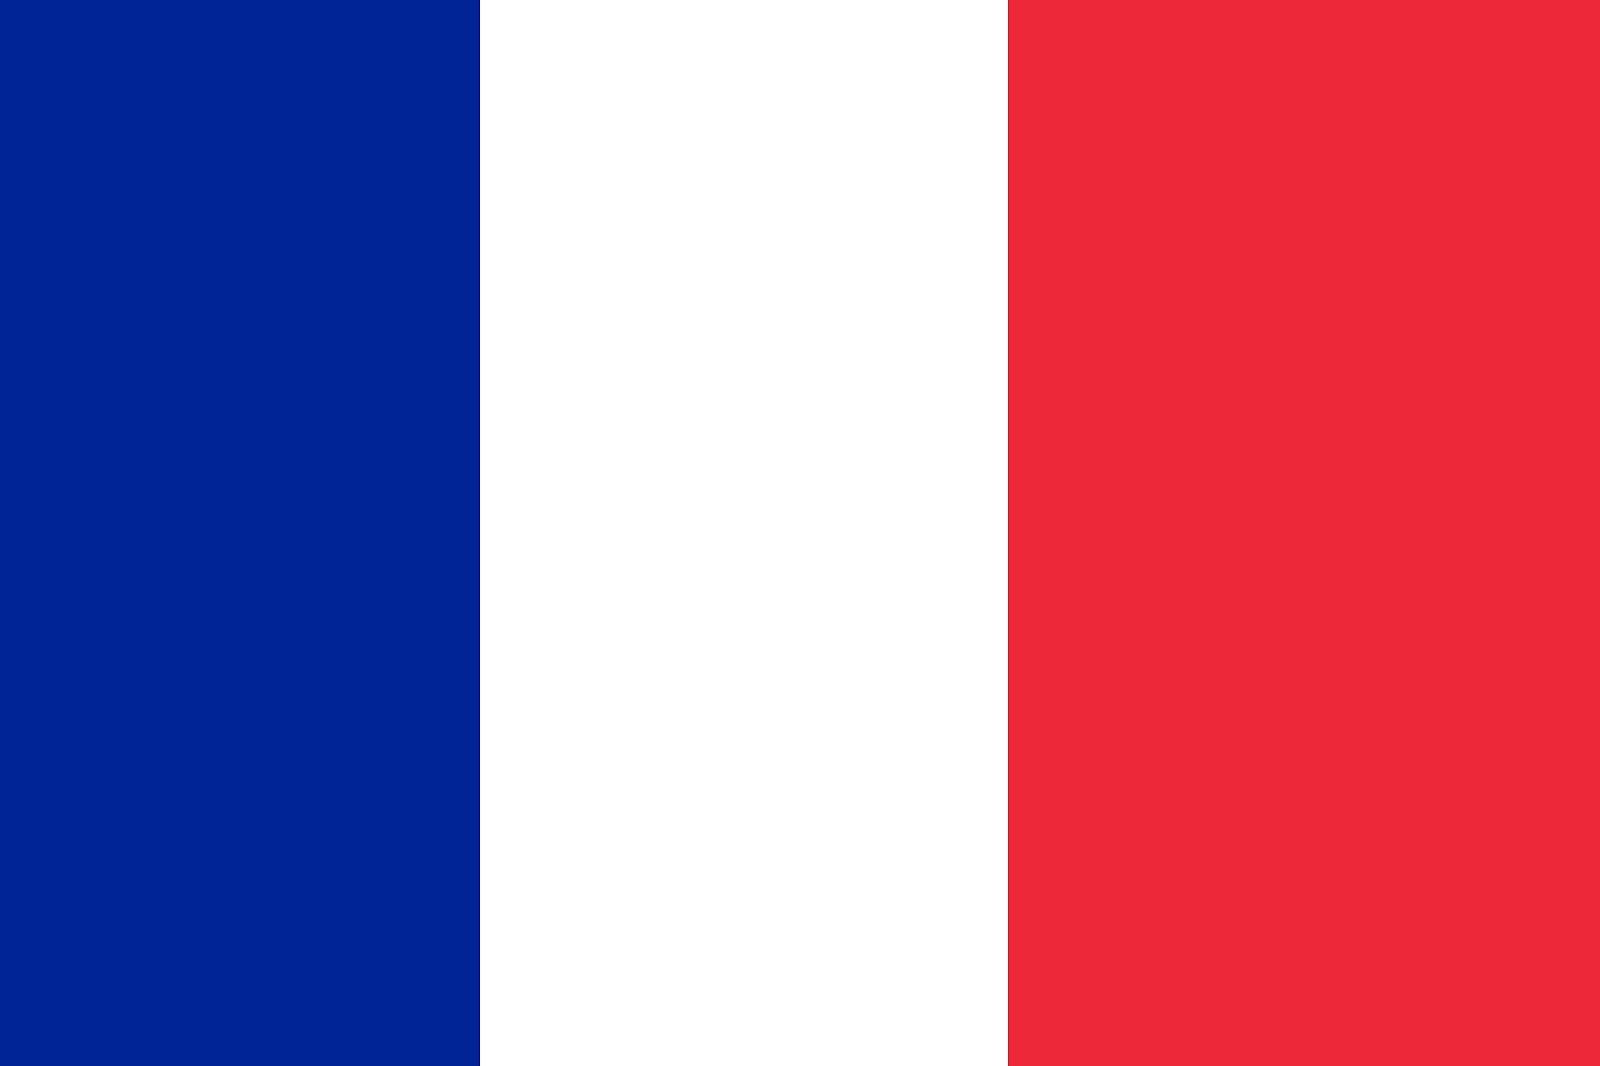 http://carbrandsincurrentproduction.blogspot.com.es/search/label/France